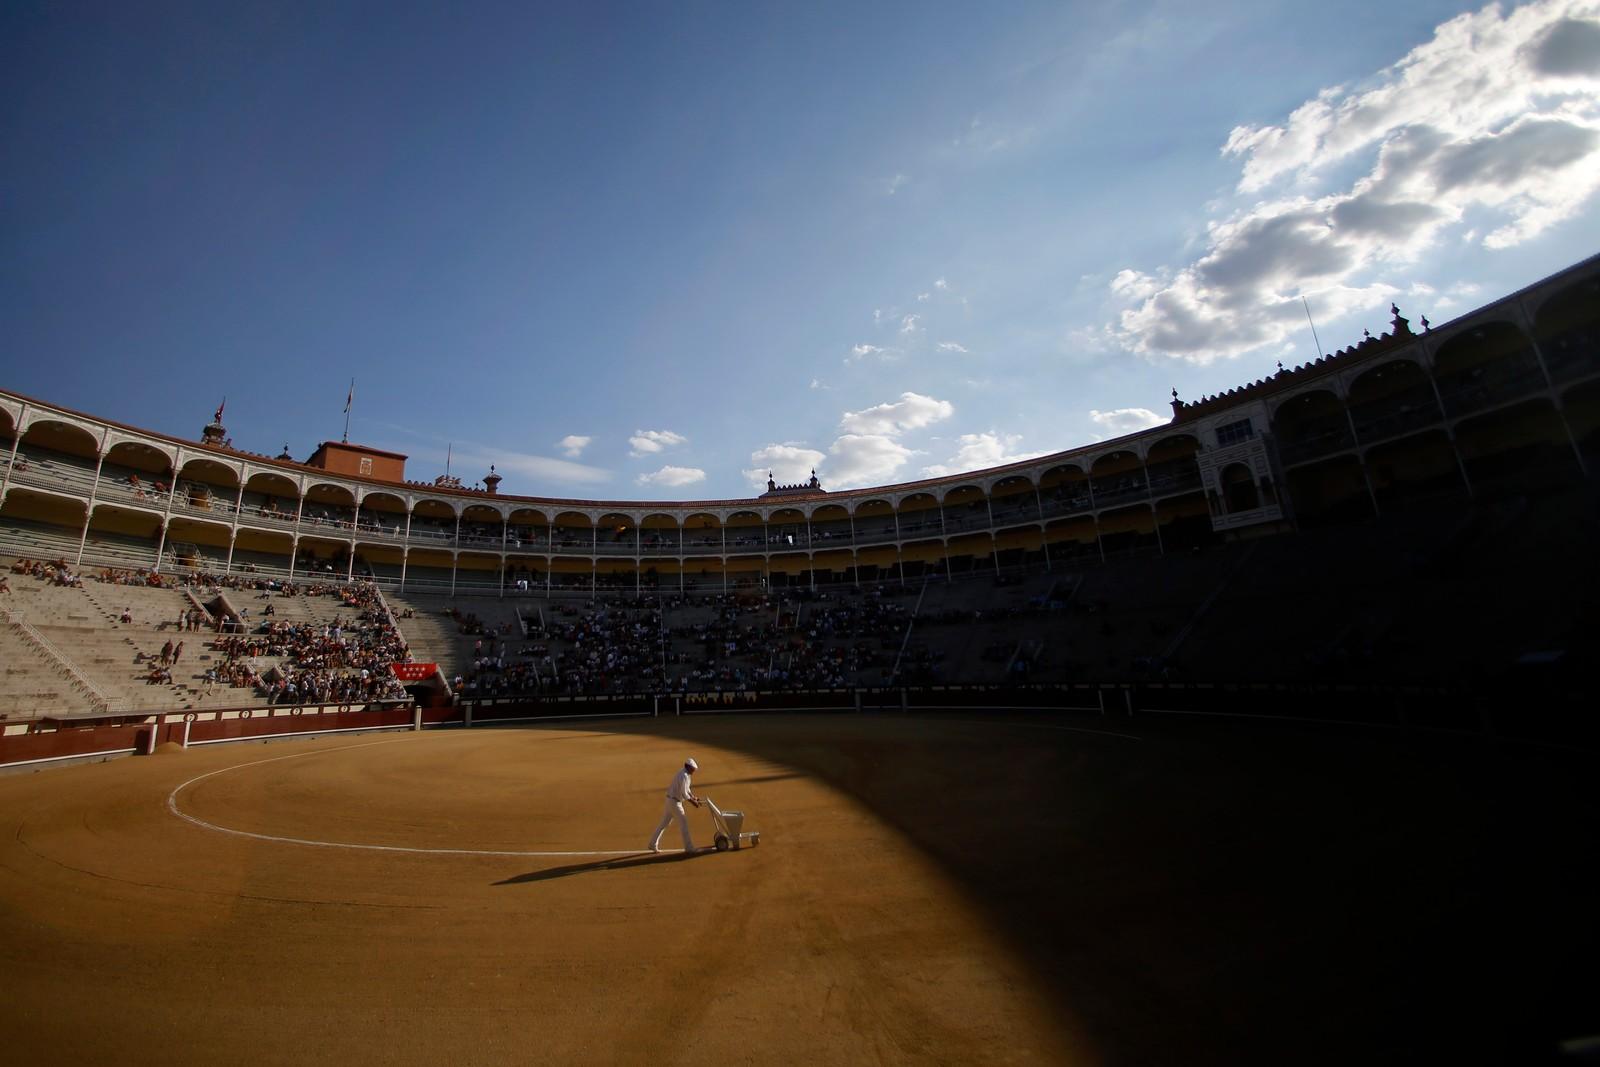 En hvit linje blir tegna over arenaen før okser og tyrefektere skal kjempe i Madrid, Spania.